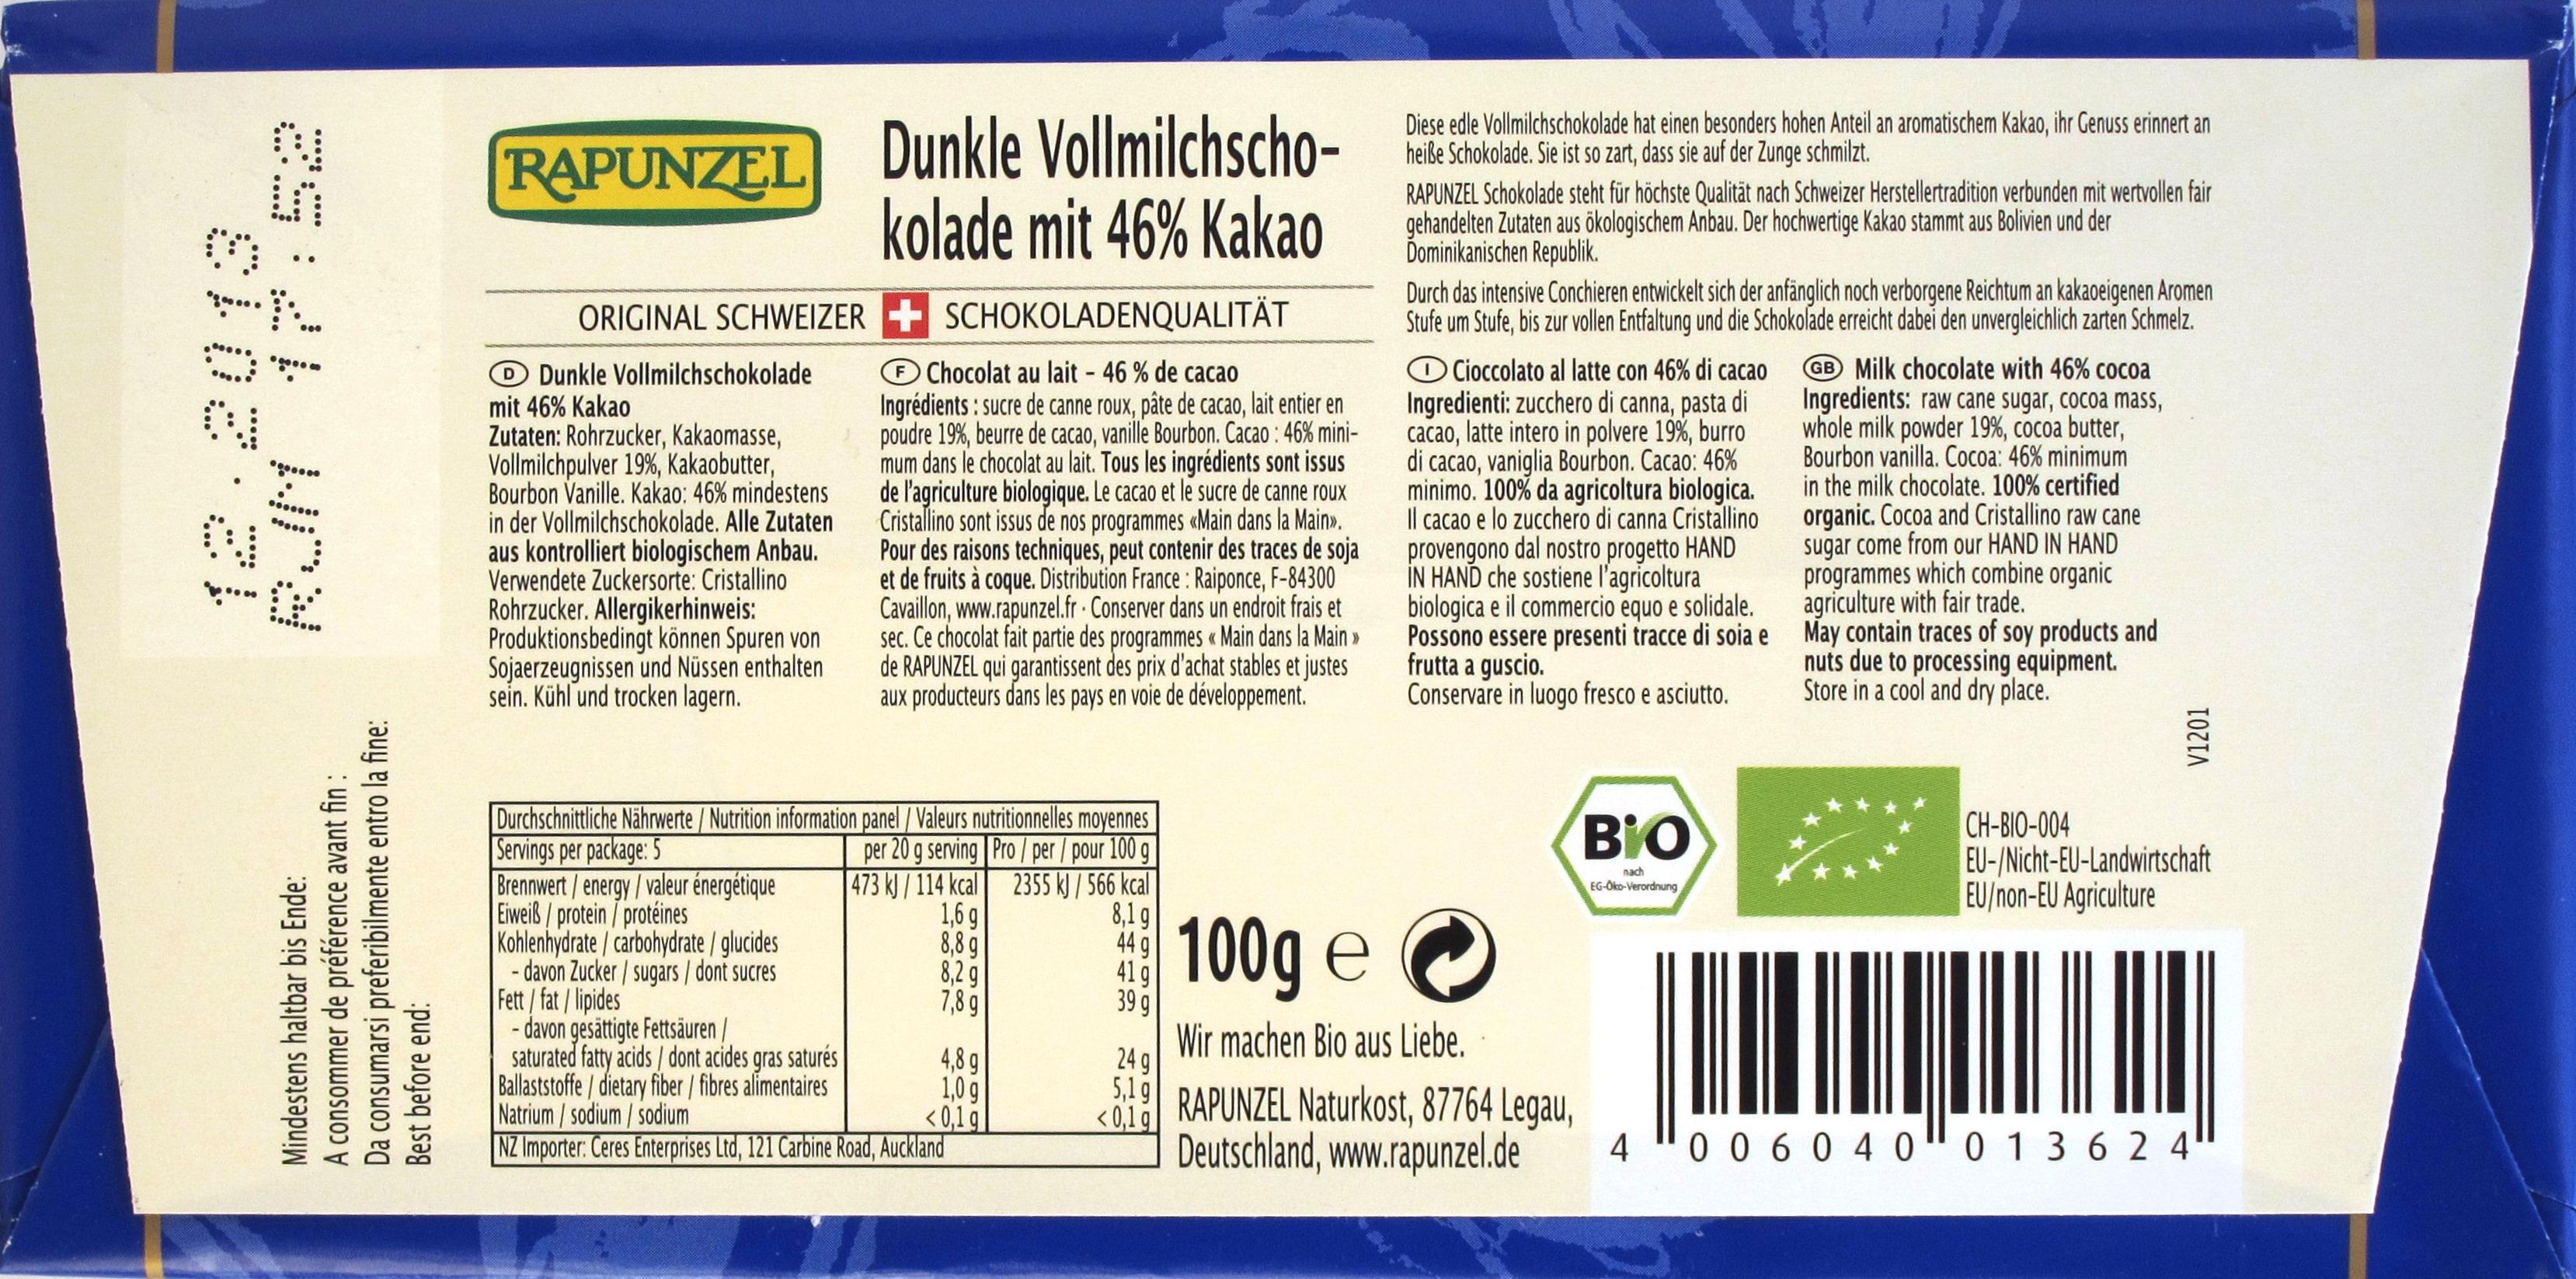 Rapunzel 46% Dunkle Vollmilchschokolade, Rückseite